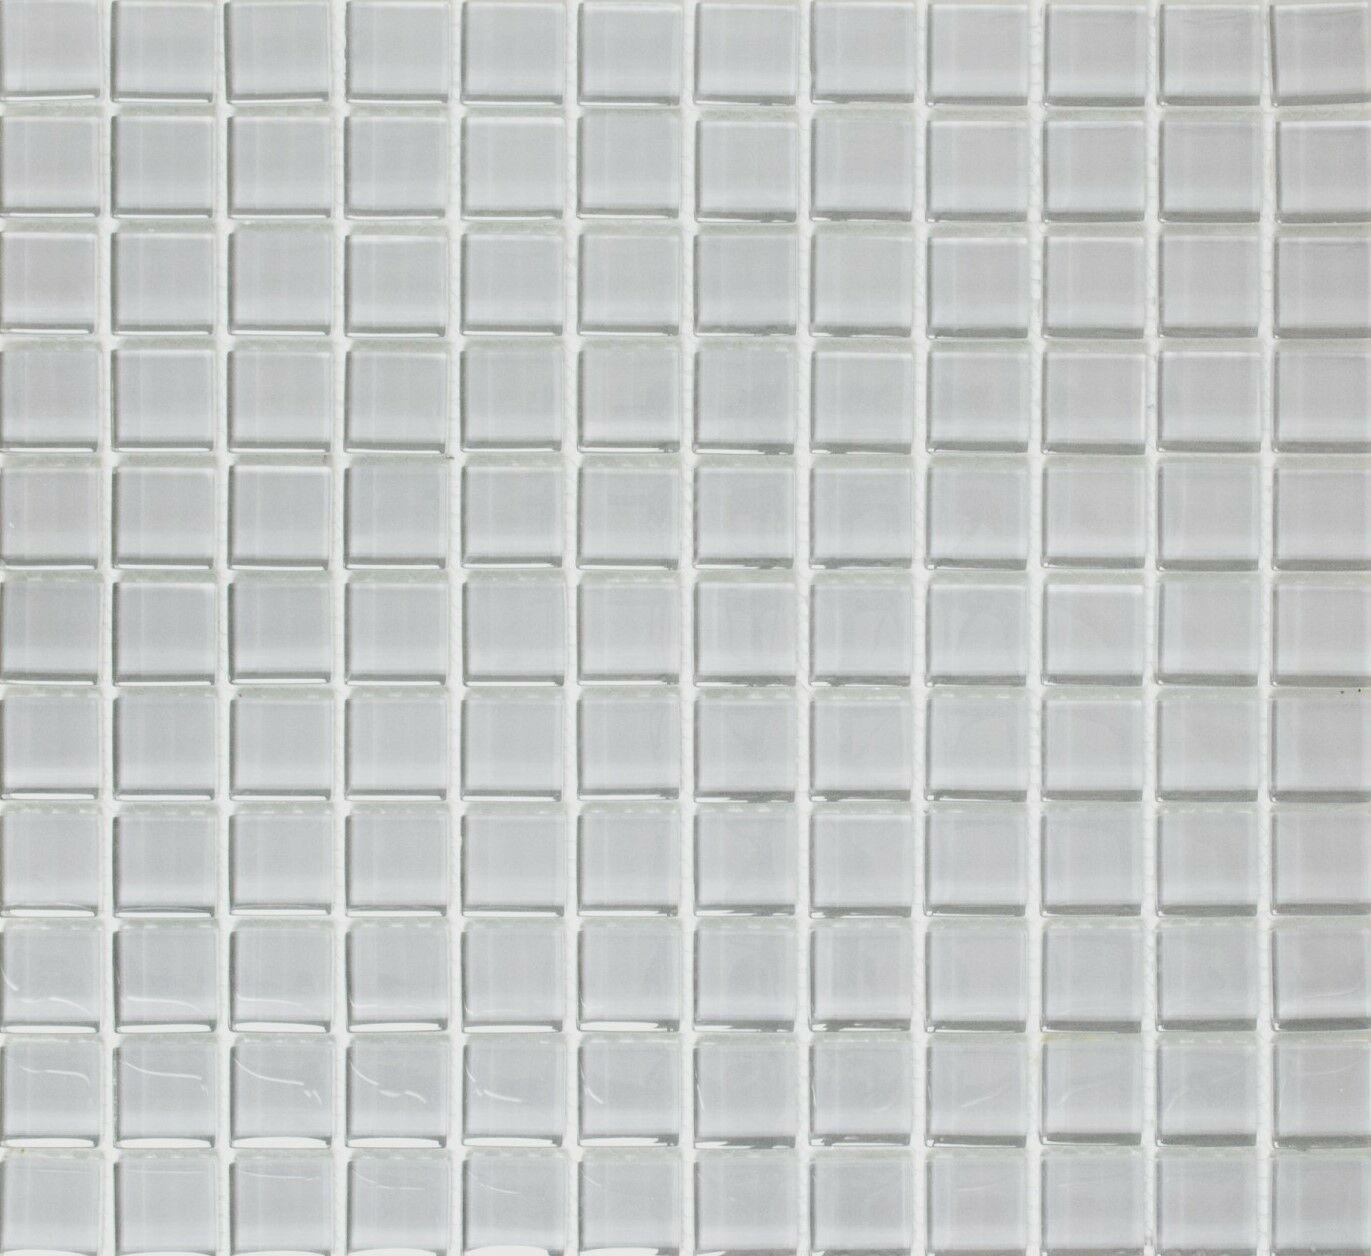 Full Size of Küchenwand Mosaik Fliese Glasmosaik Hellgrau Wand Kchenwand Duschwand Bad Wohnzimmer Küchenwand